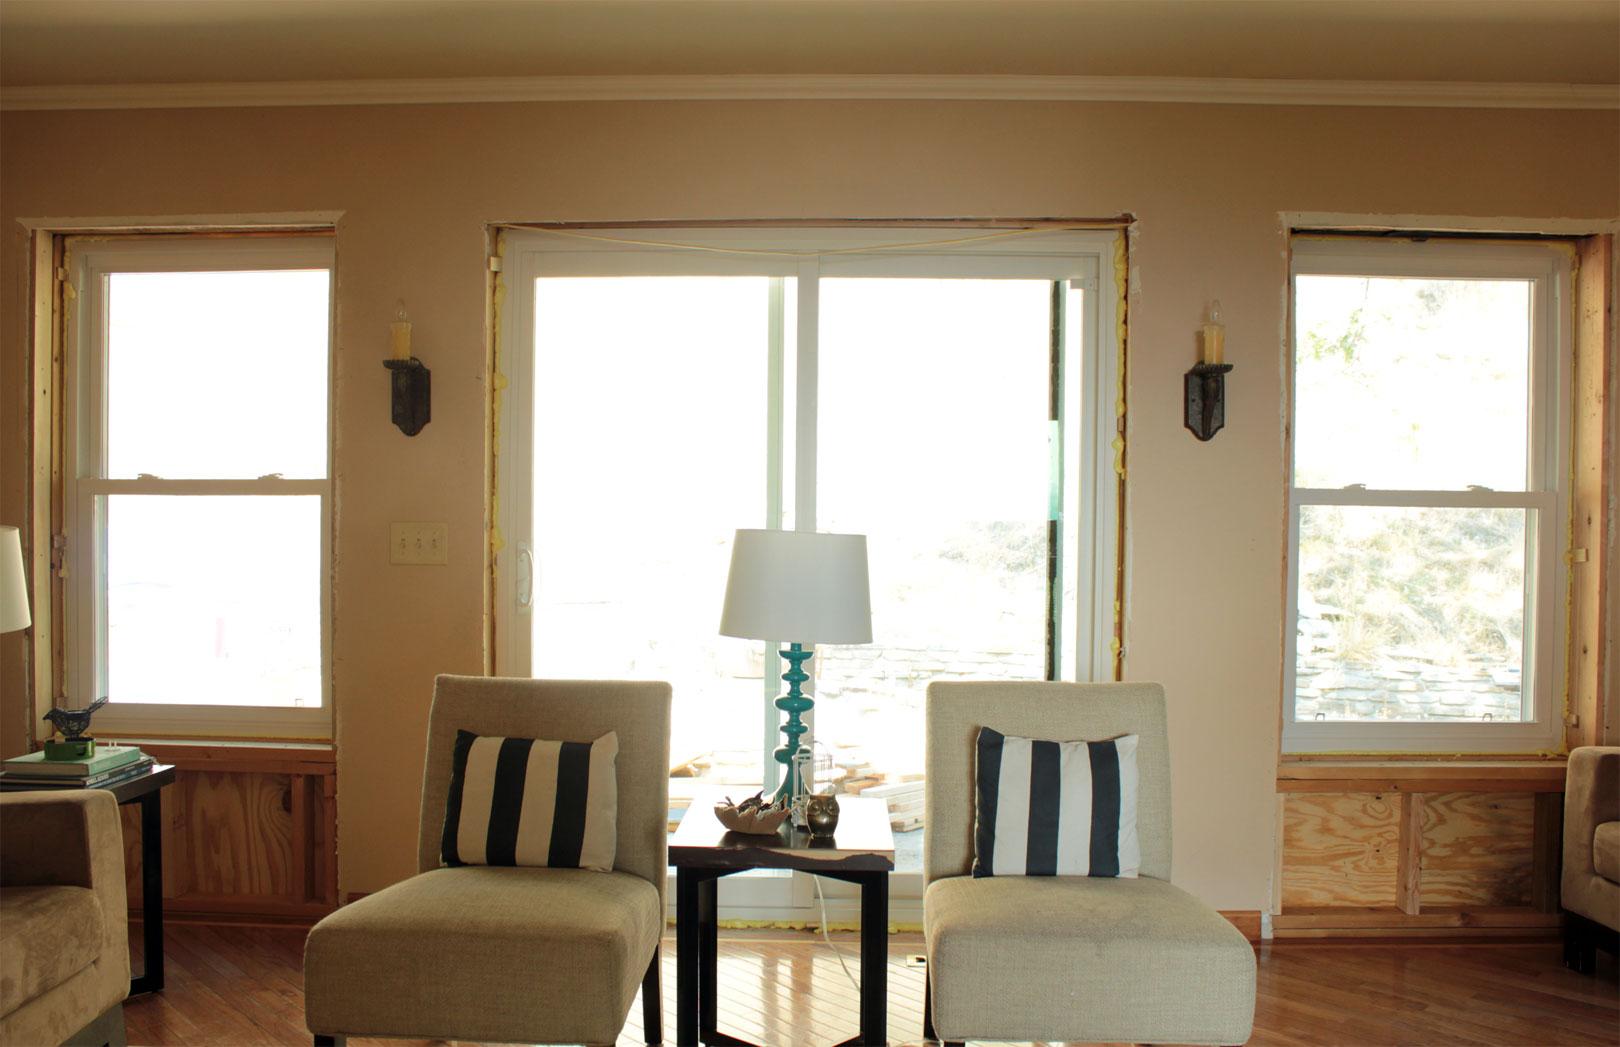 Room With Window : Windows